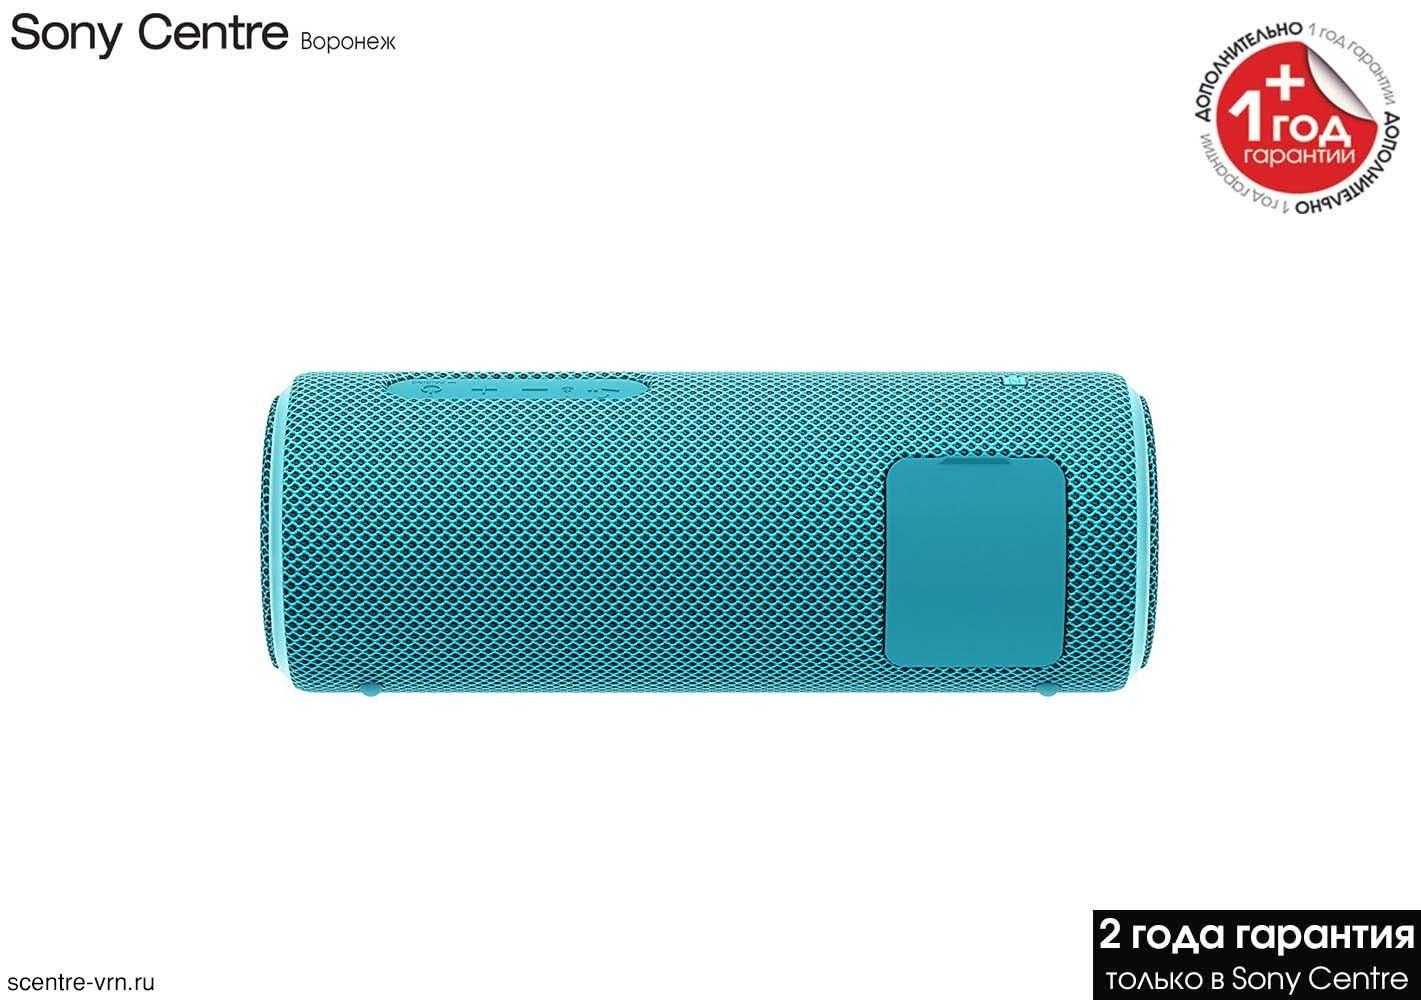 Беспроводная колонка Sony SRS-XB21 синего цвета